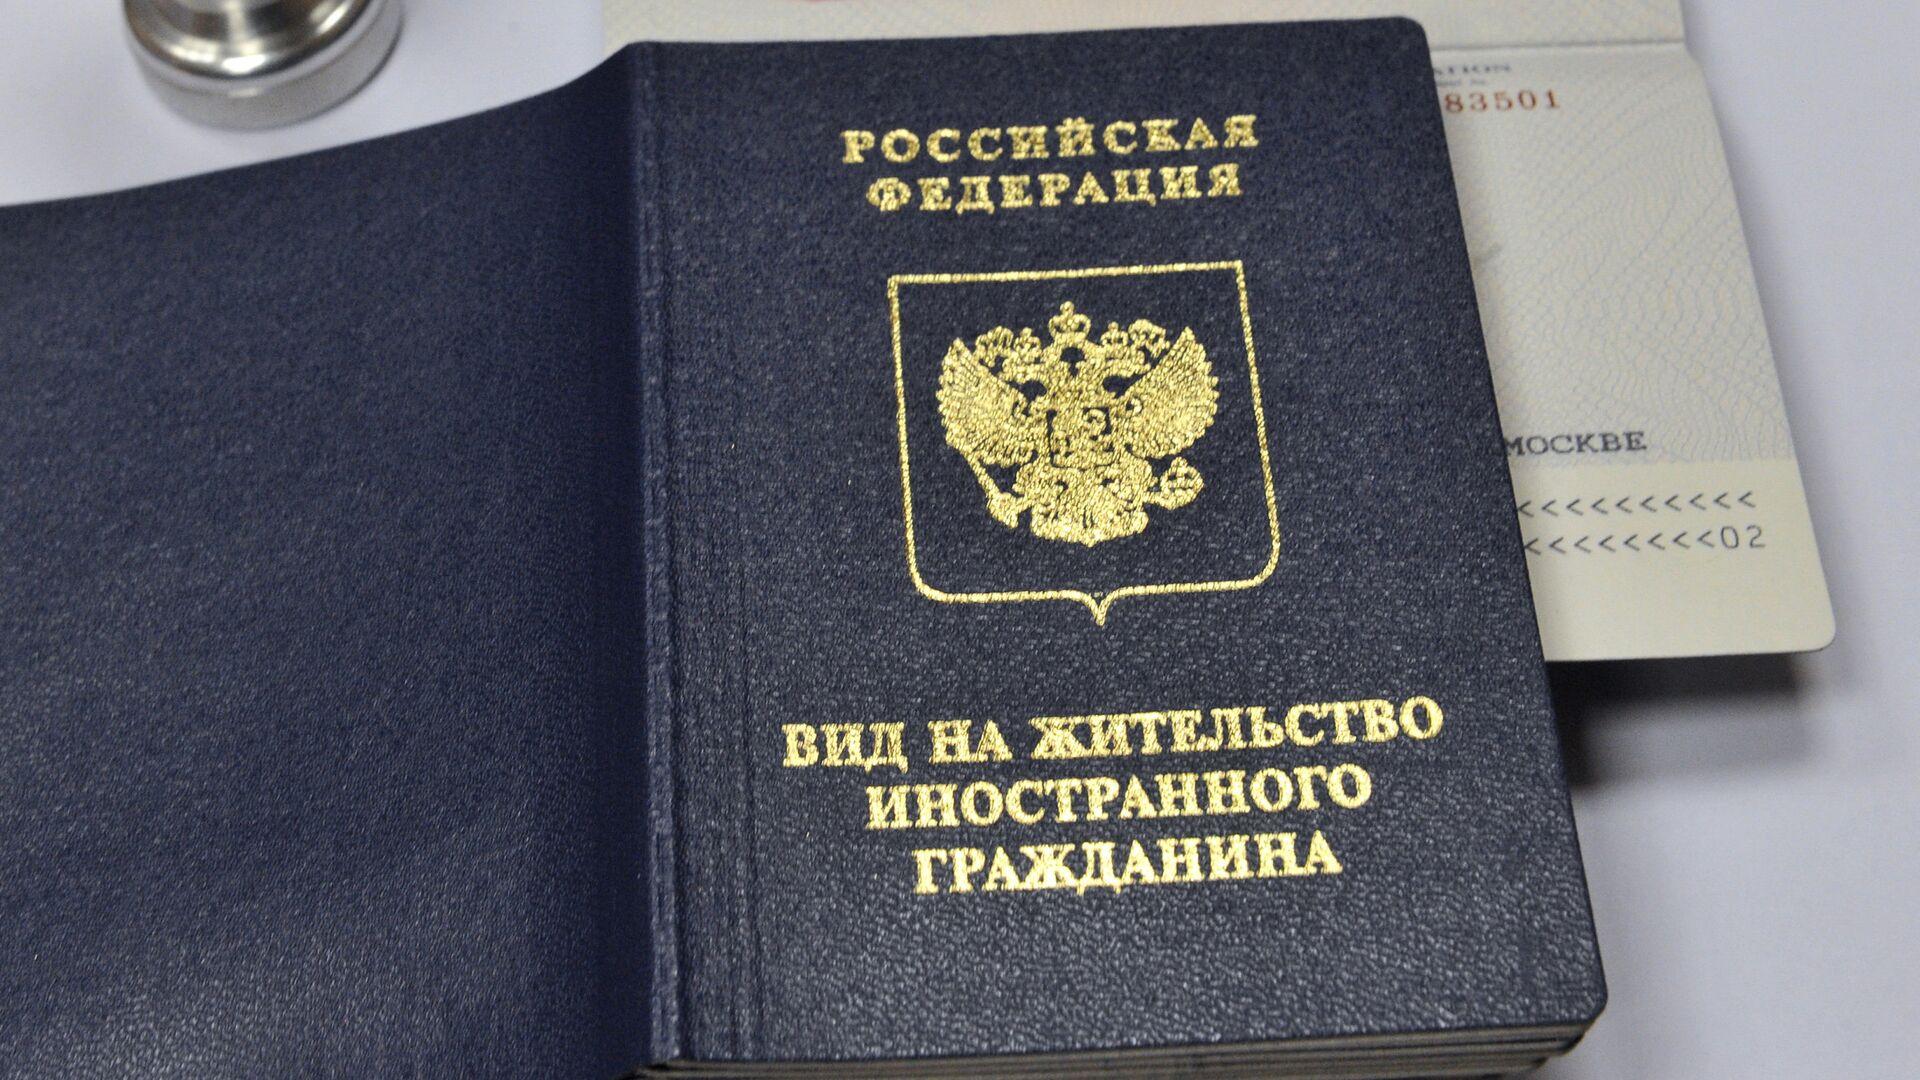 Вид на жительство иностранного гражданина - РИА Новости, 1920, 01.05.2021